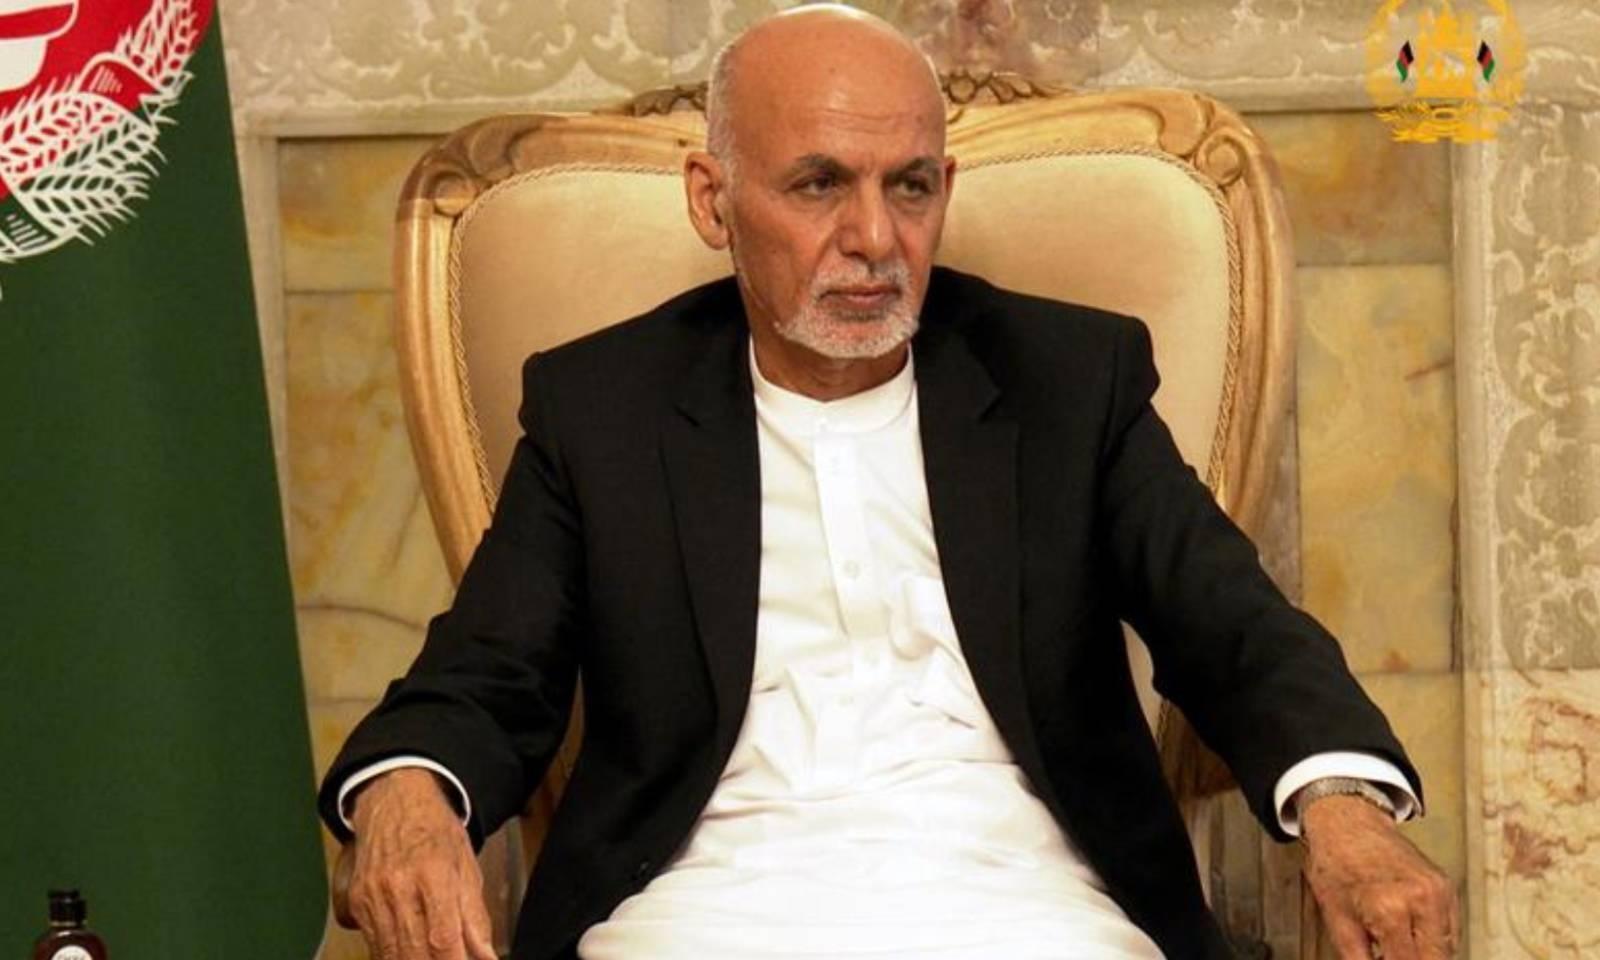 افغان صدر اشرف غنی نے گزشتہ روز سیکیورٹی کے حوالے سے اجلاس کی صدارت کی تھی اور اب وہ ملک چھوڑ گئے ہیں—فوٹو: رائٹرز